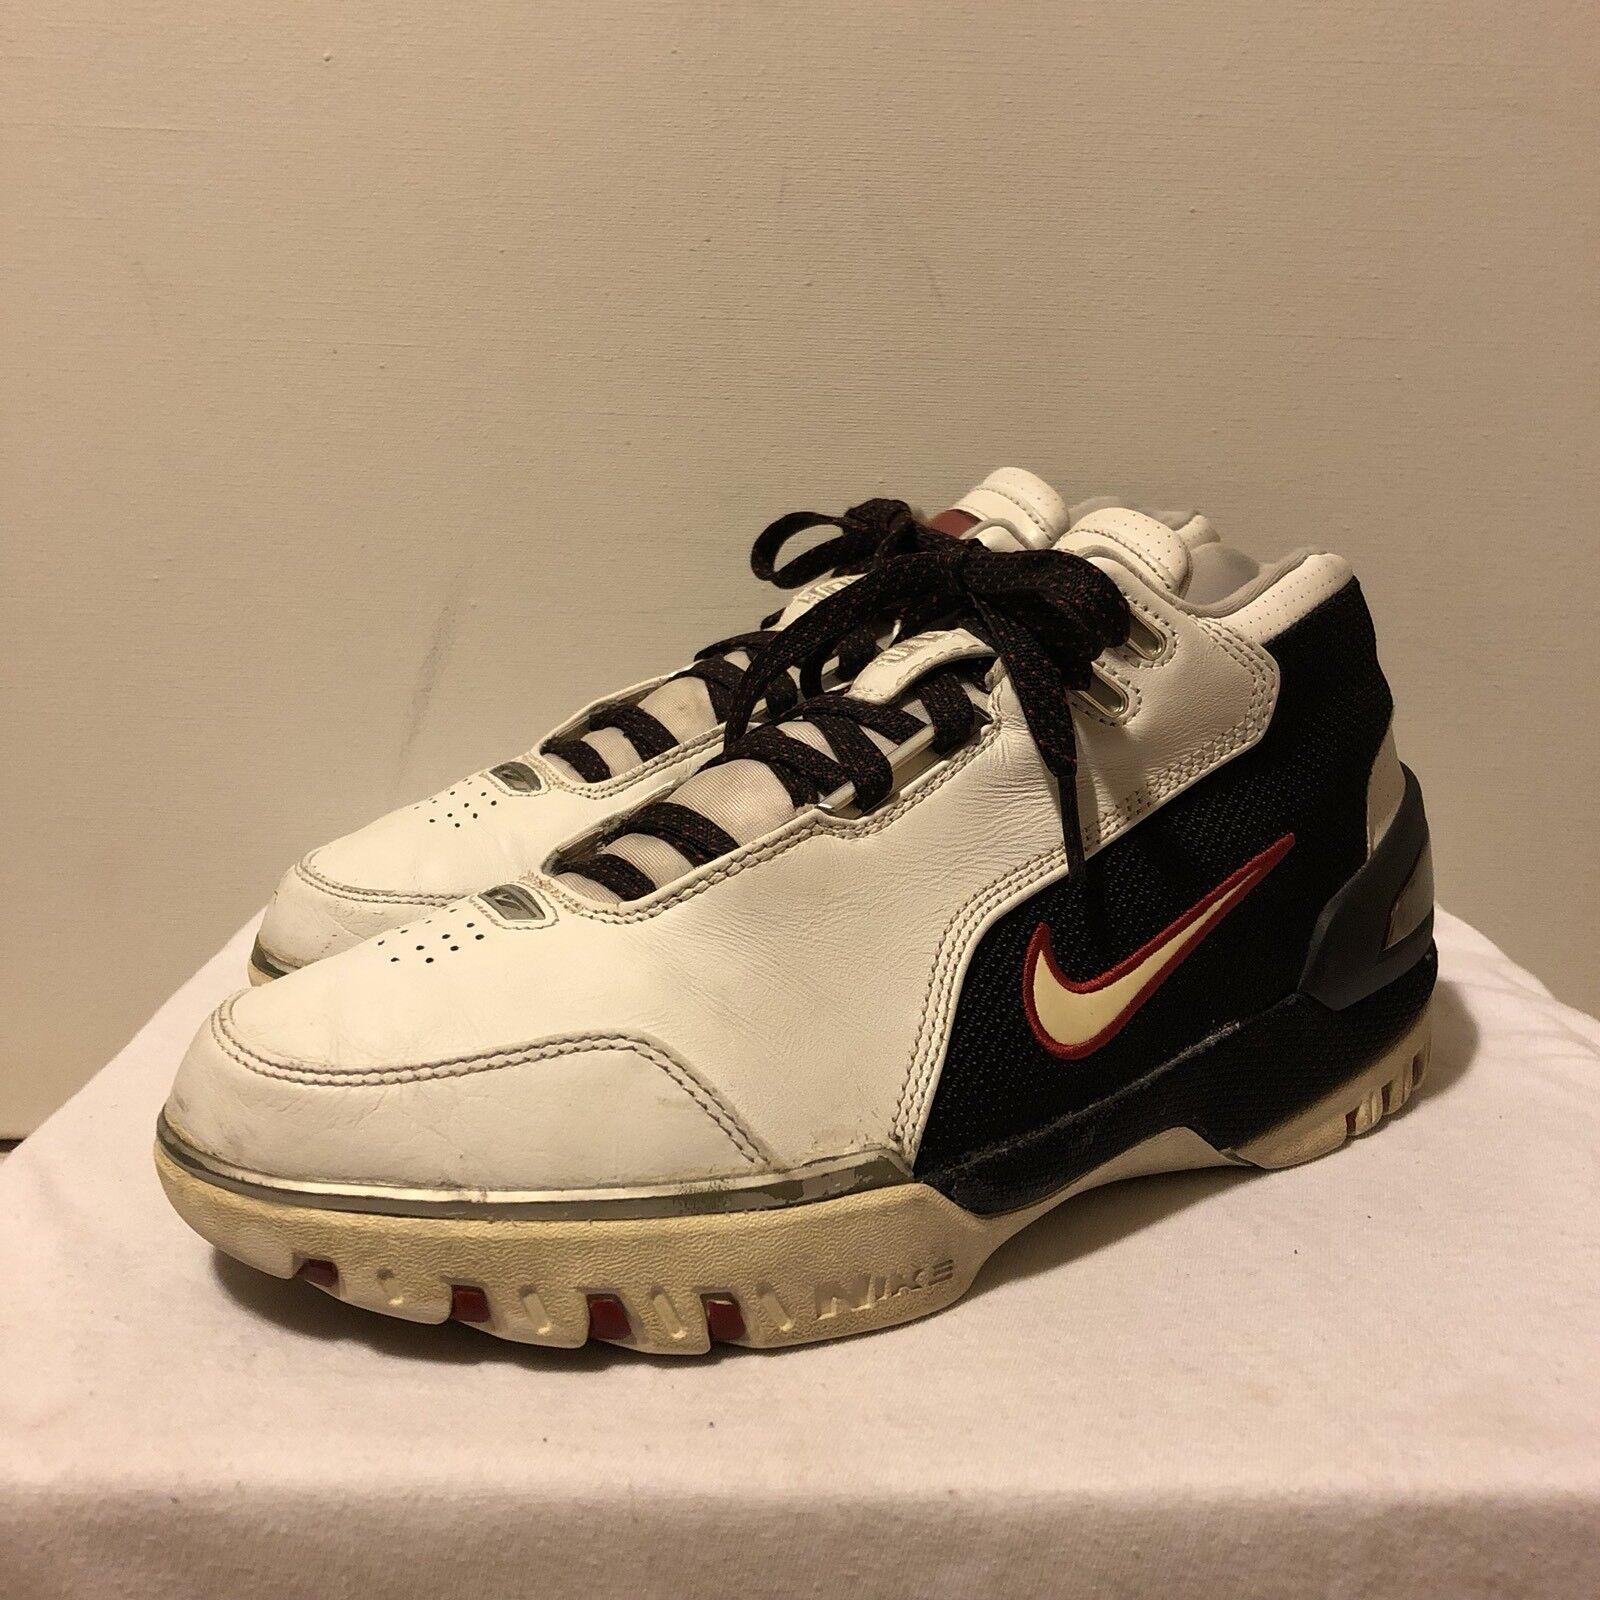 Nike OG Lebron 1 Zoom Generation Size 8.5